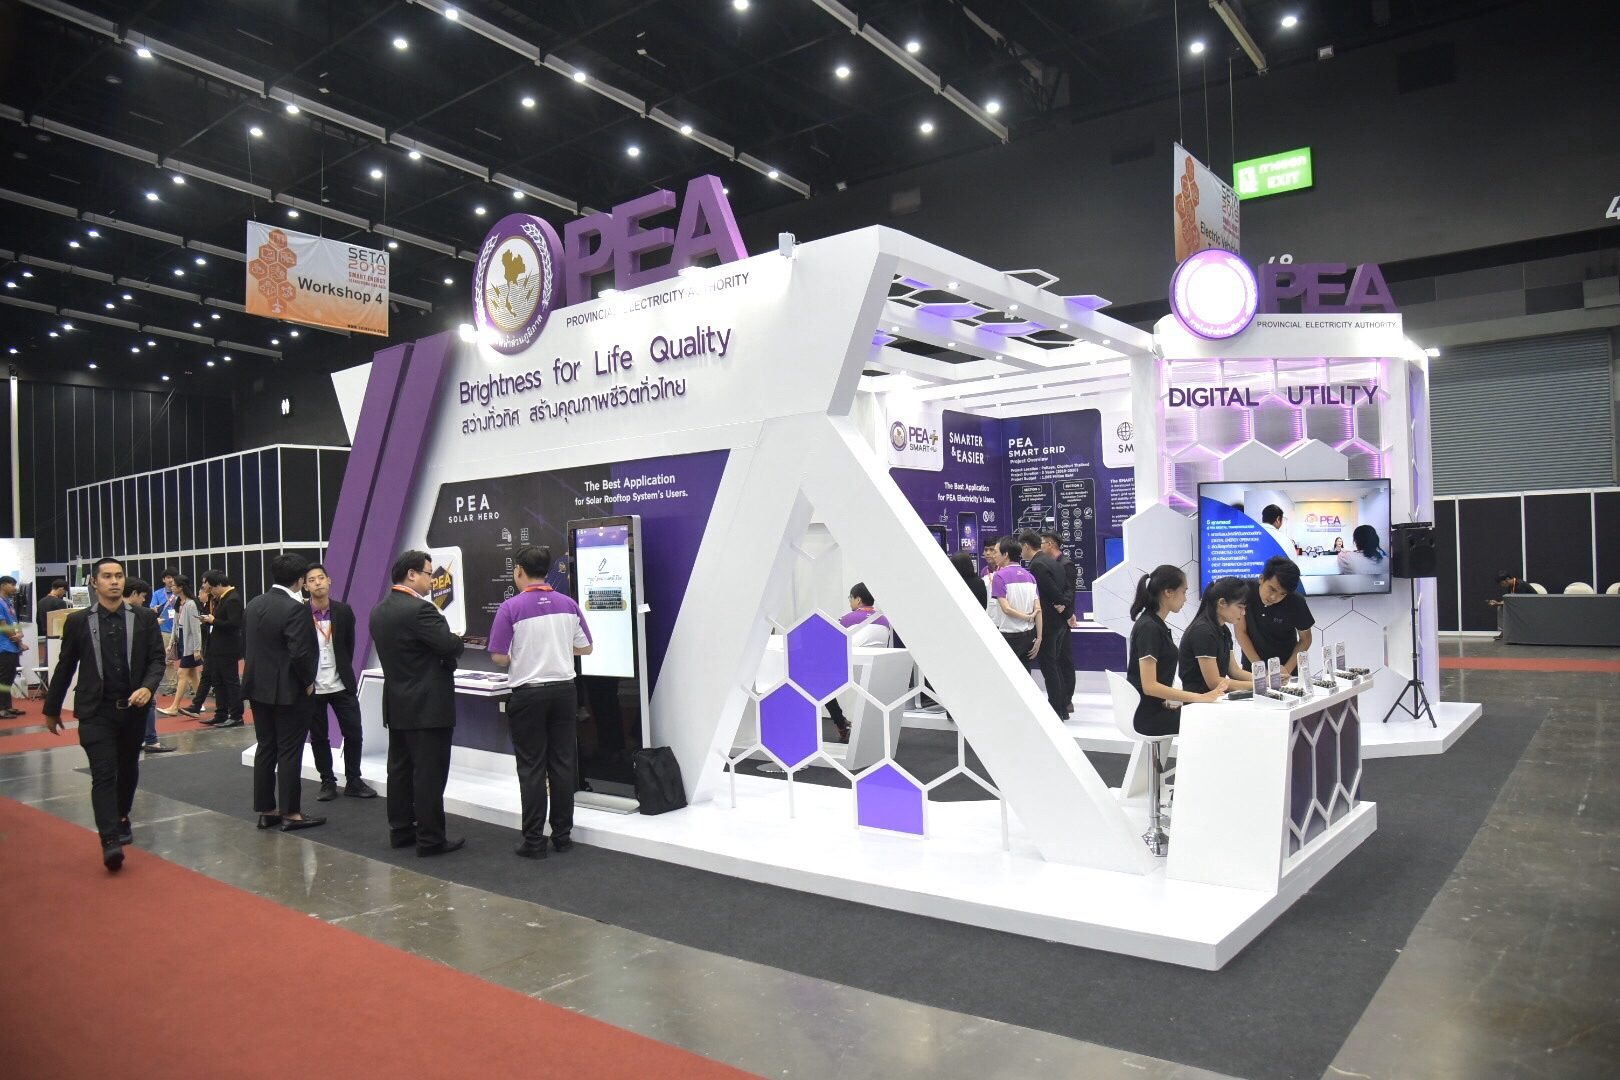 PEA ร่วมเปิดงานประชุมวิชาการและนิทรรศการนานาชาติ (SETA 2019)